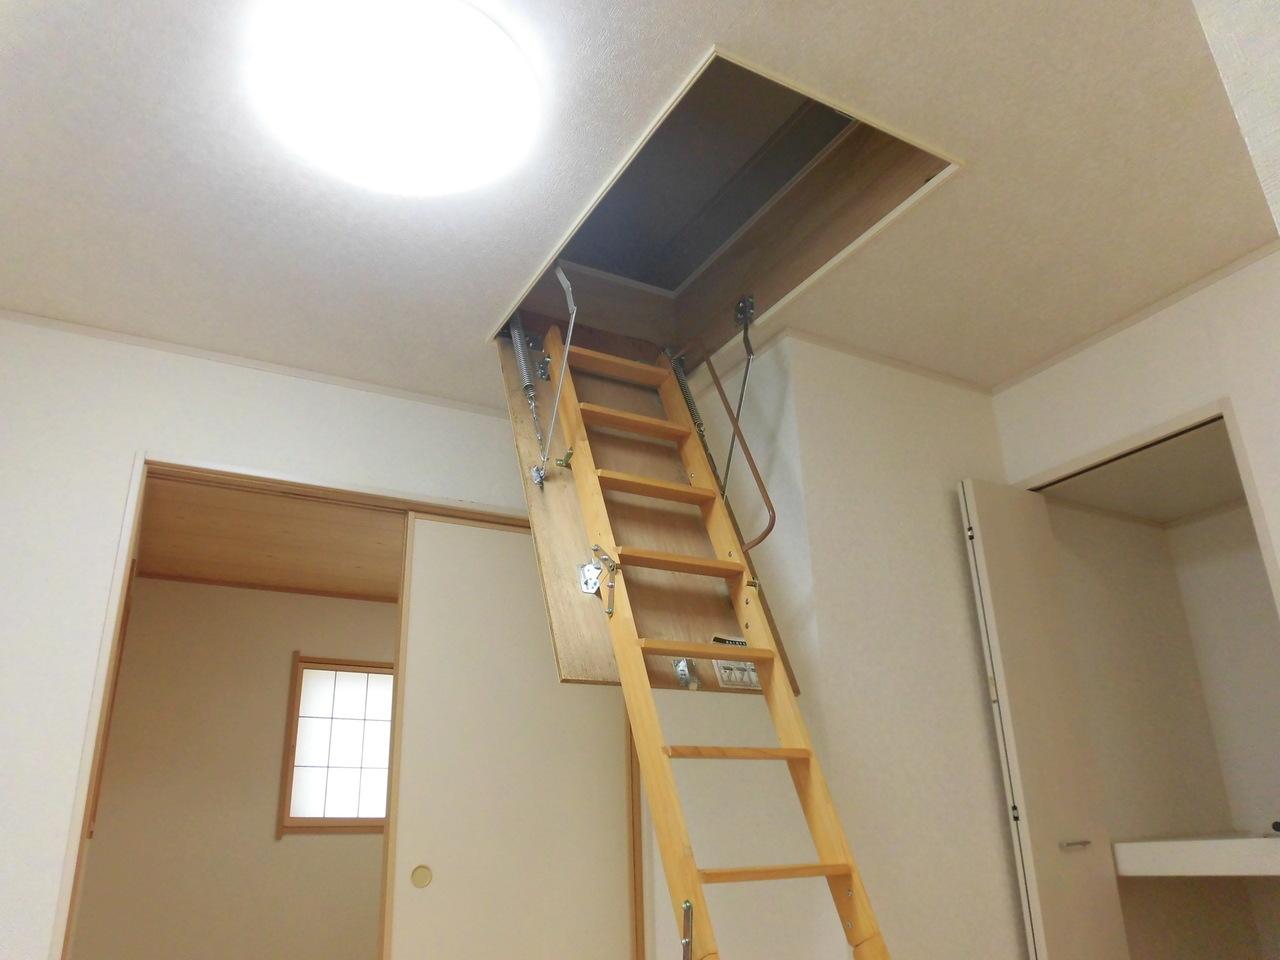 リビングには小屋裏収納があります。階段で上にあがれます。